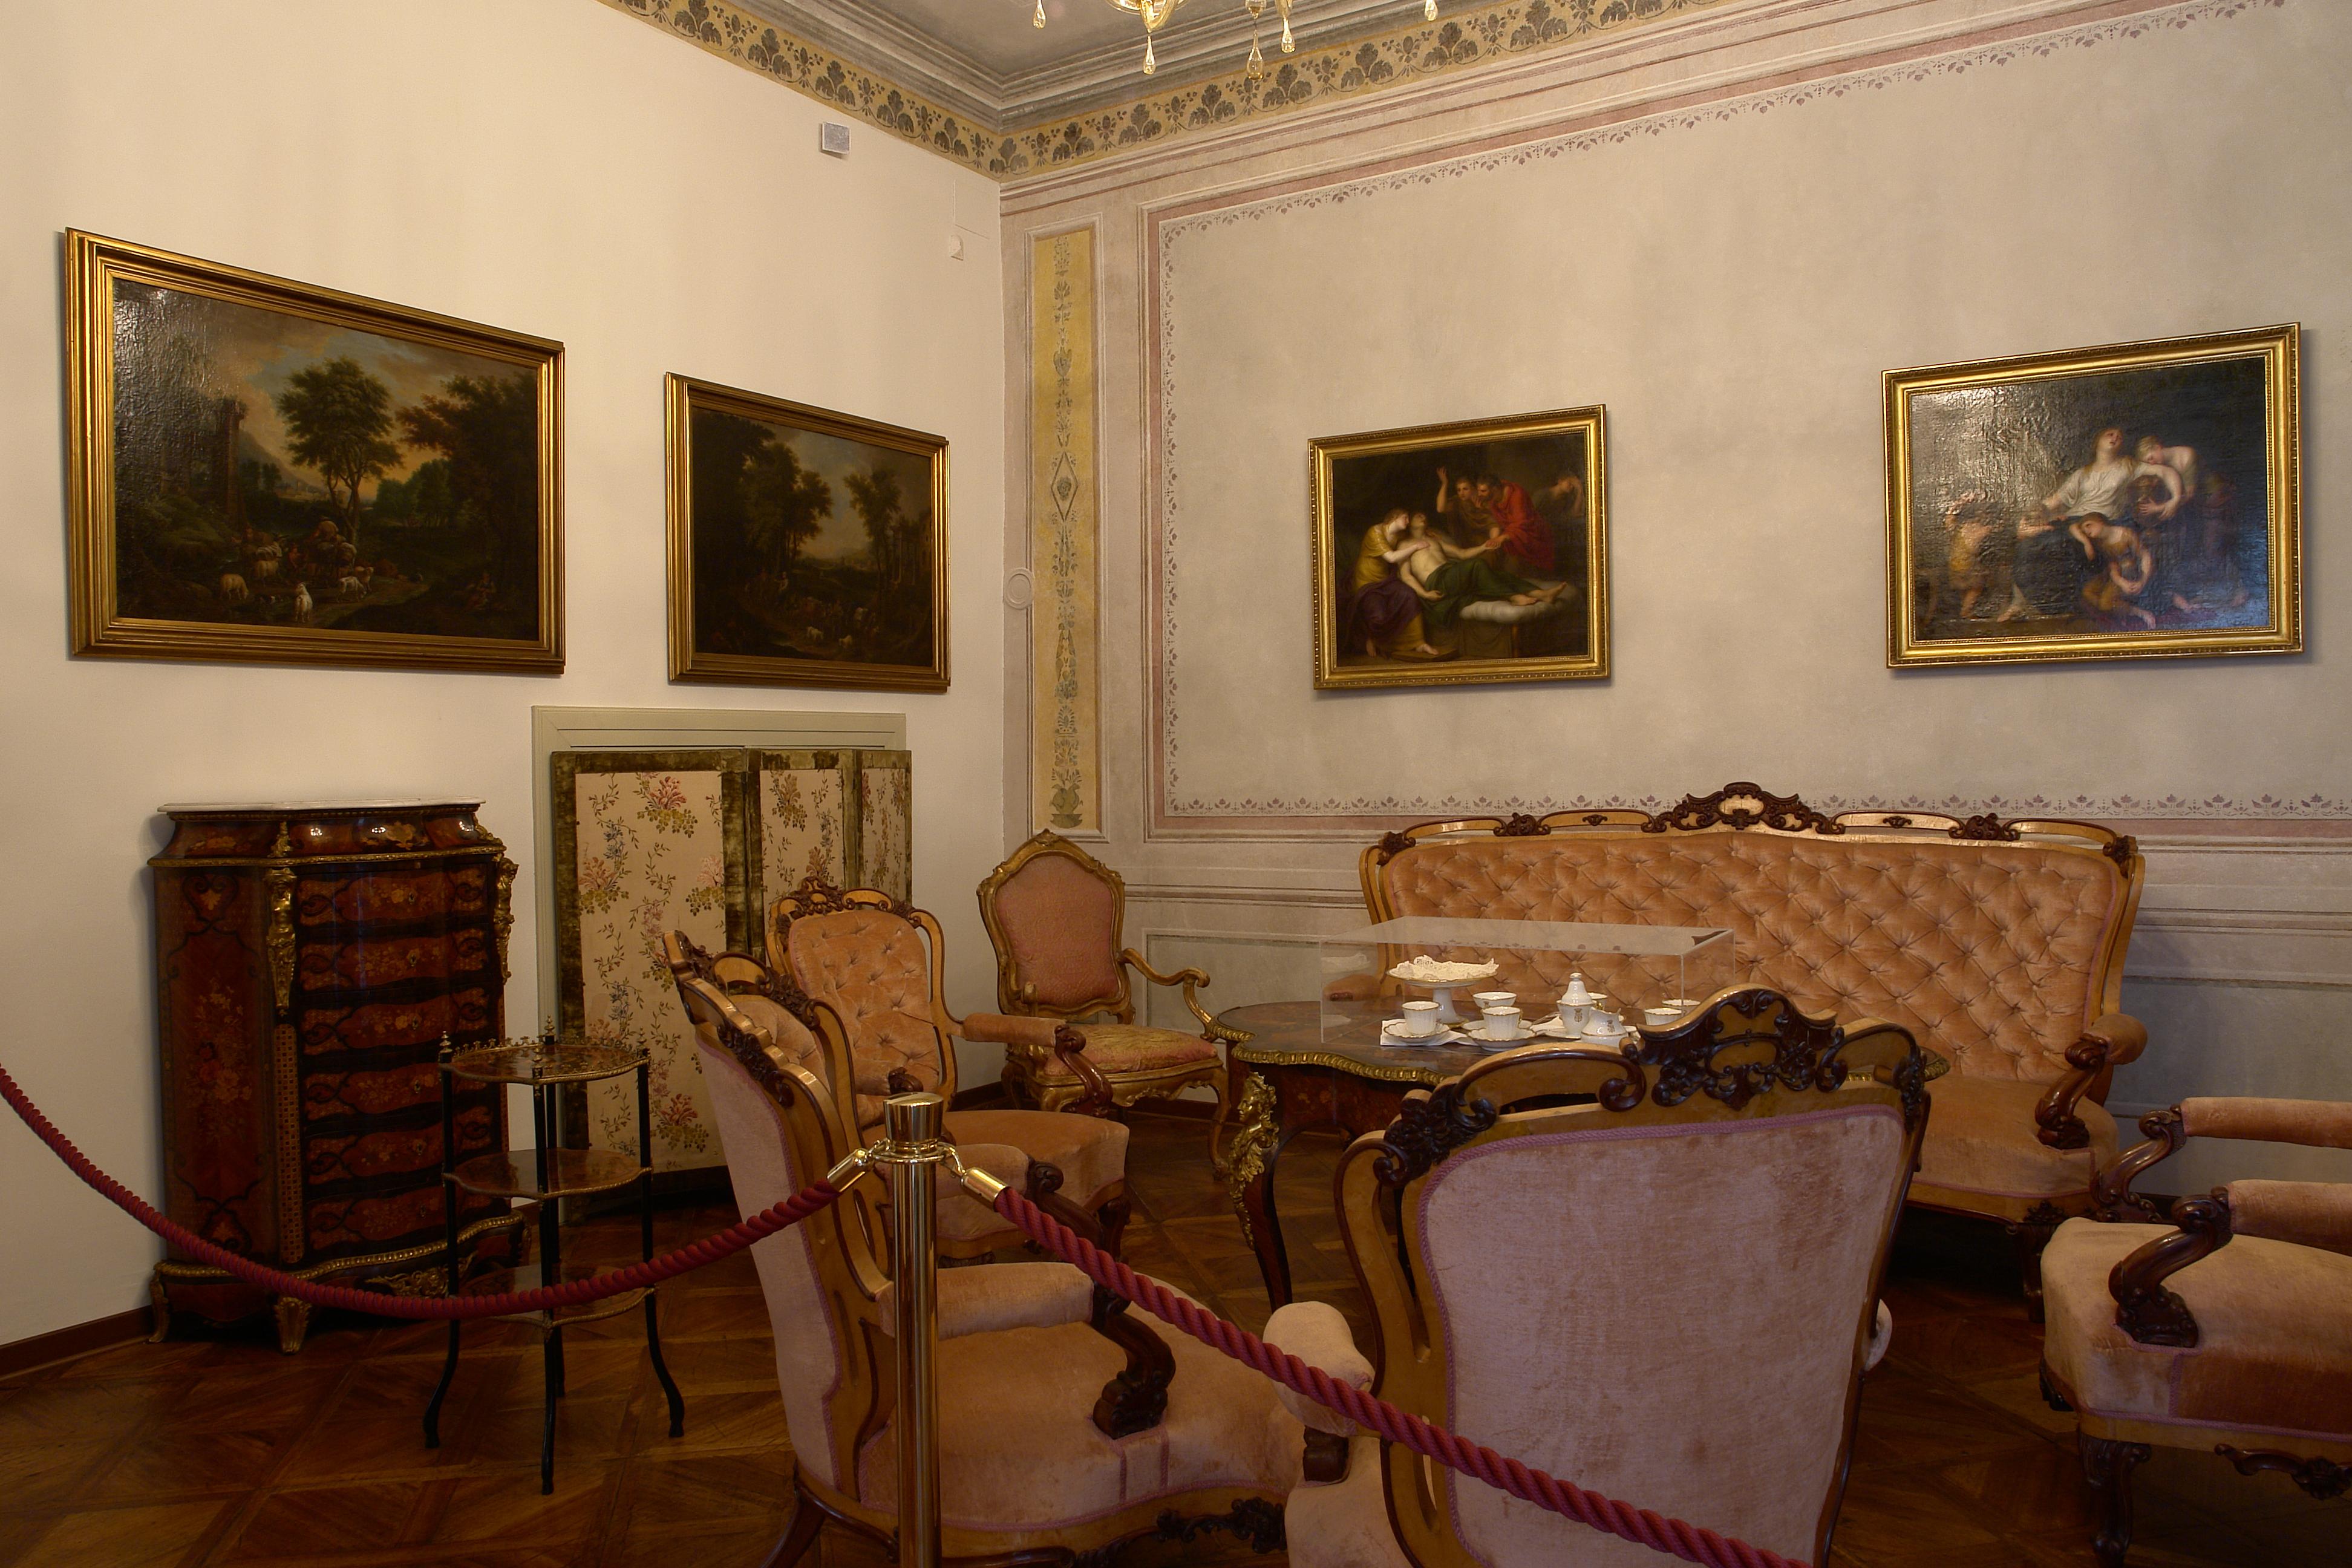 Camera Da Letto Con Mobili Antichi: Post arredare la camera da letto ...